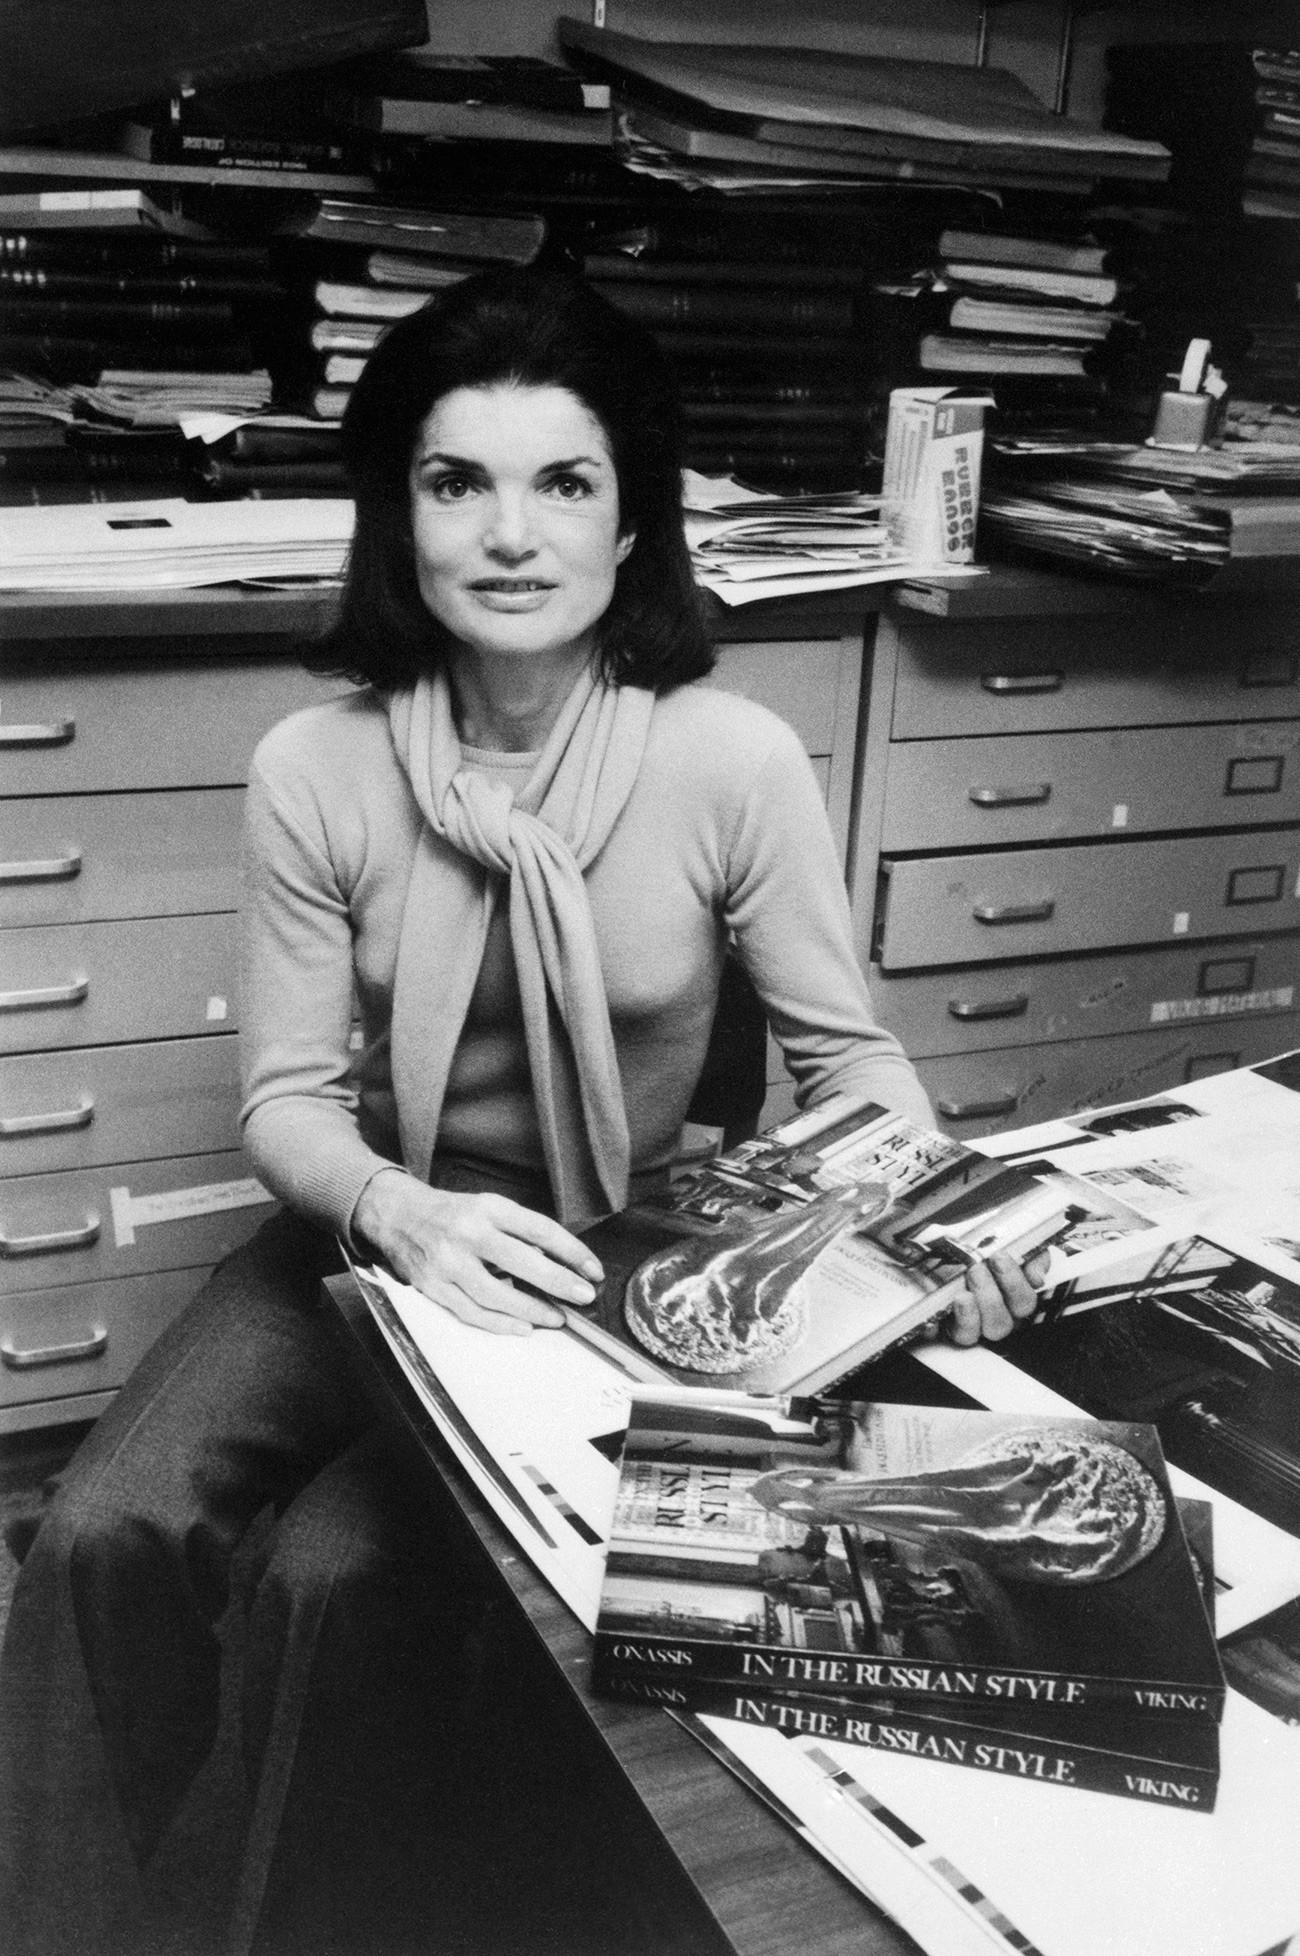 ジャクリーン・ケネディ・オナシス、1976年